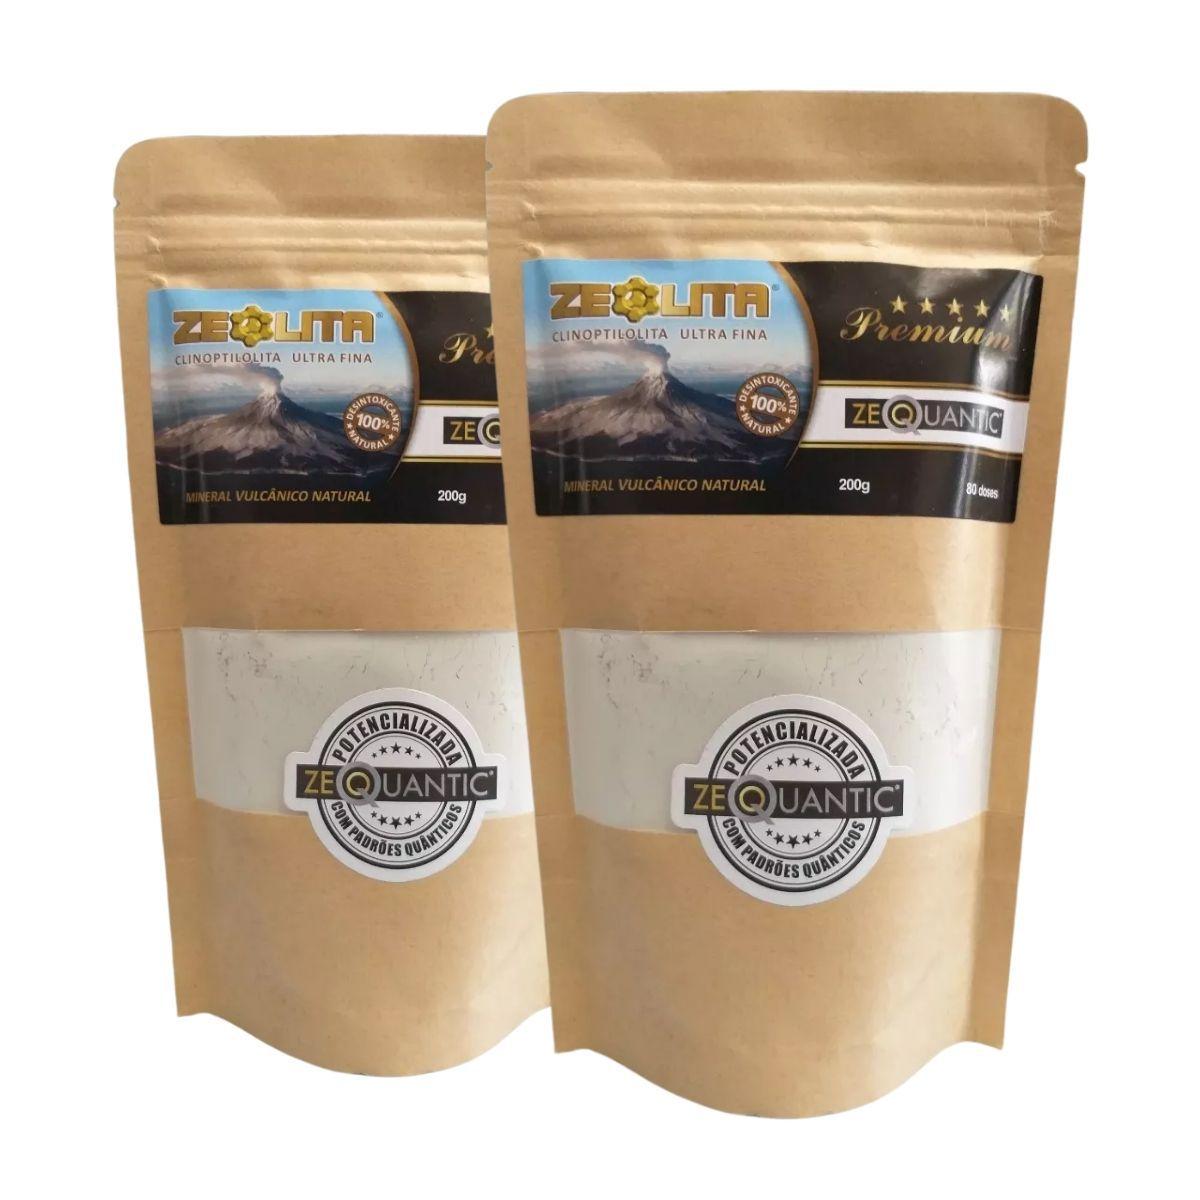 2x Zeólita Premium 200g Potencializada